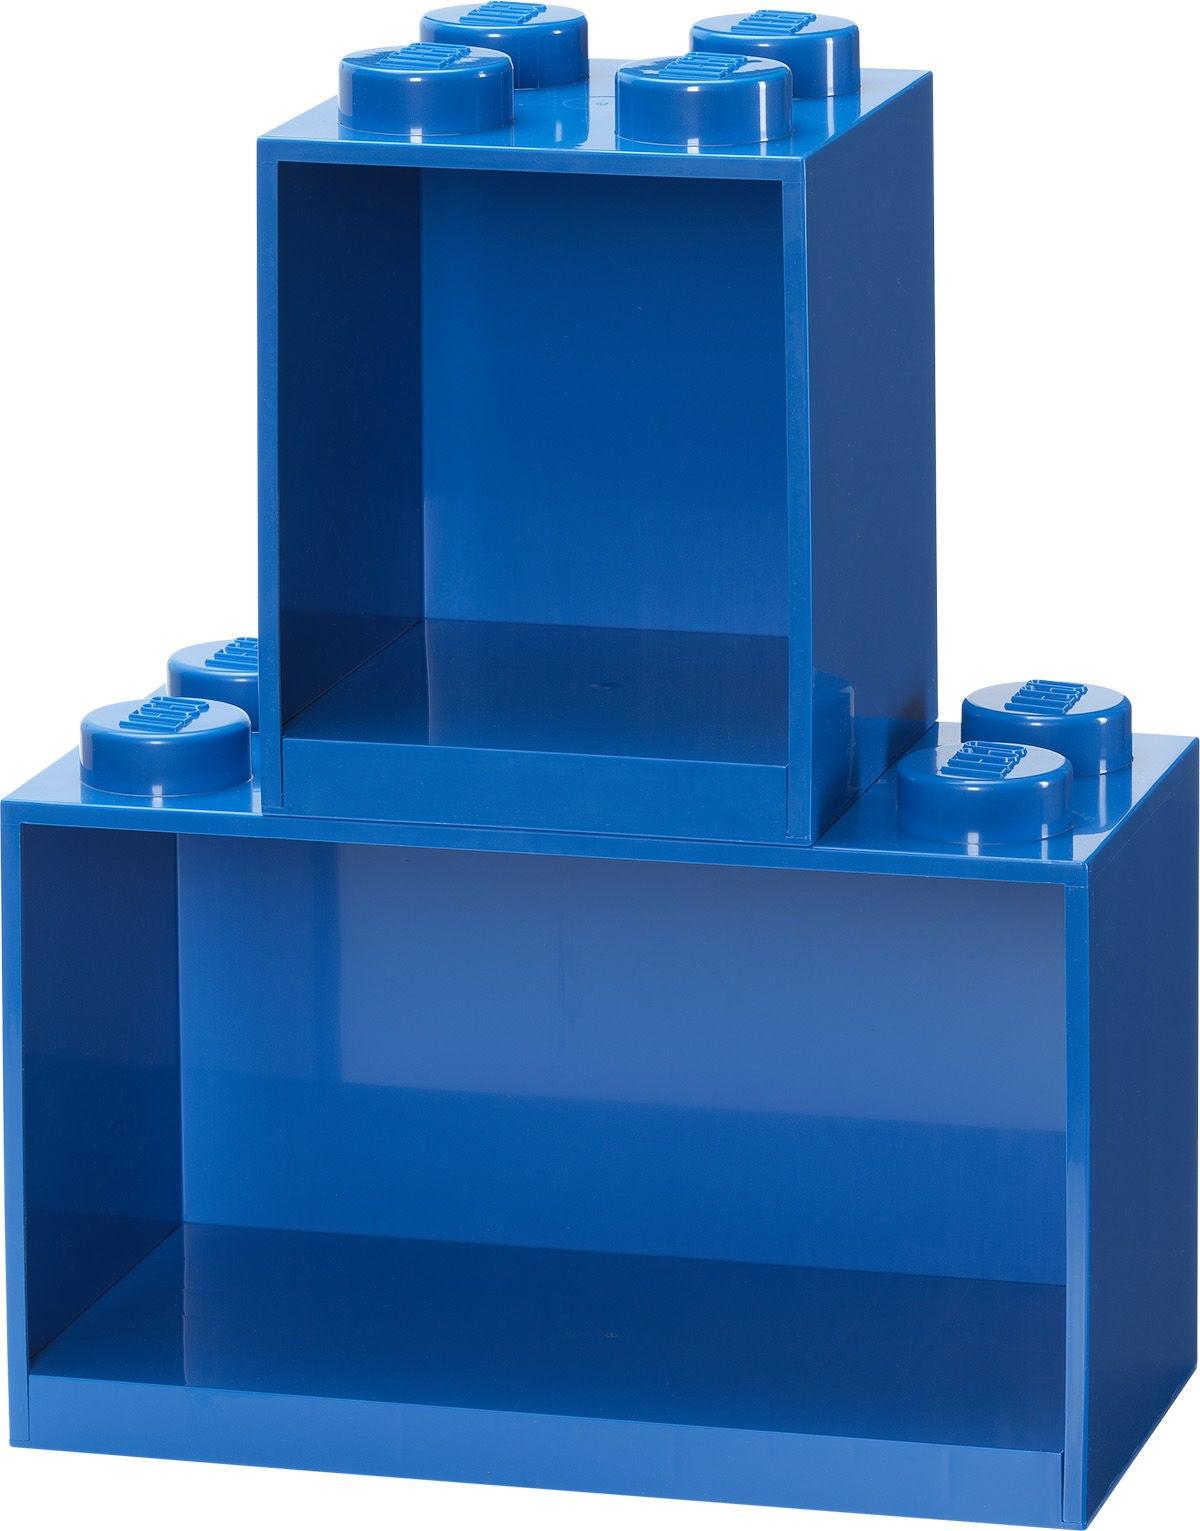 LEGO Hylly, Blue